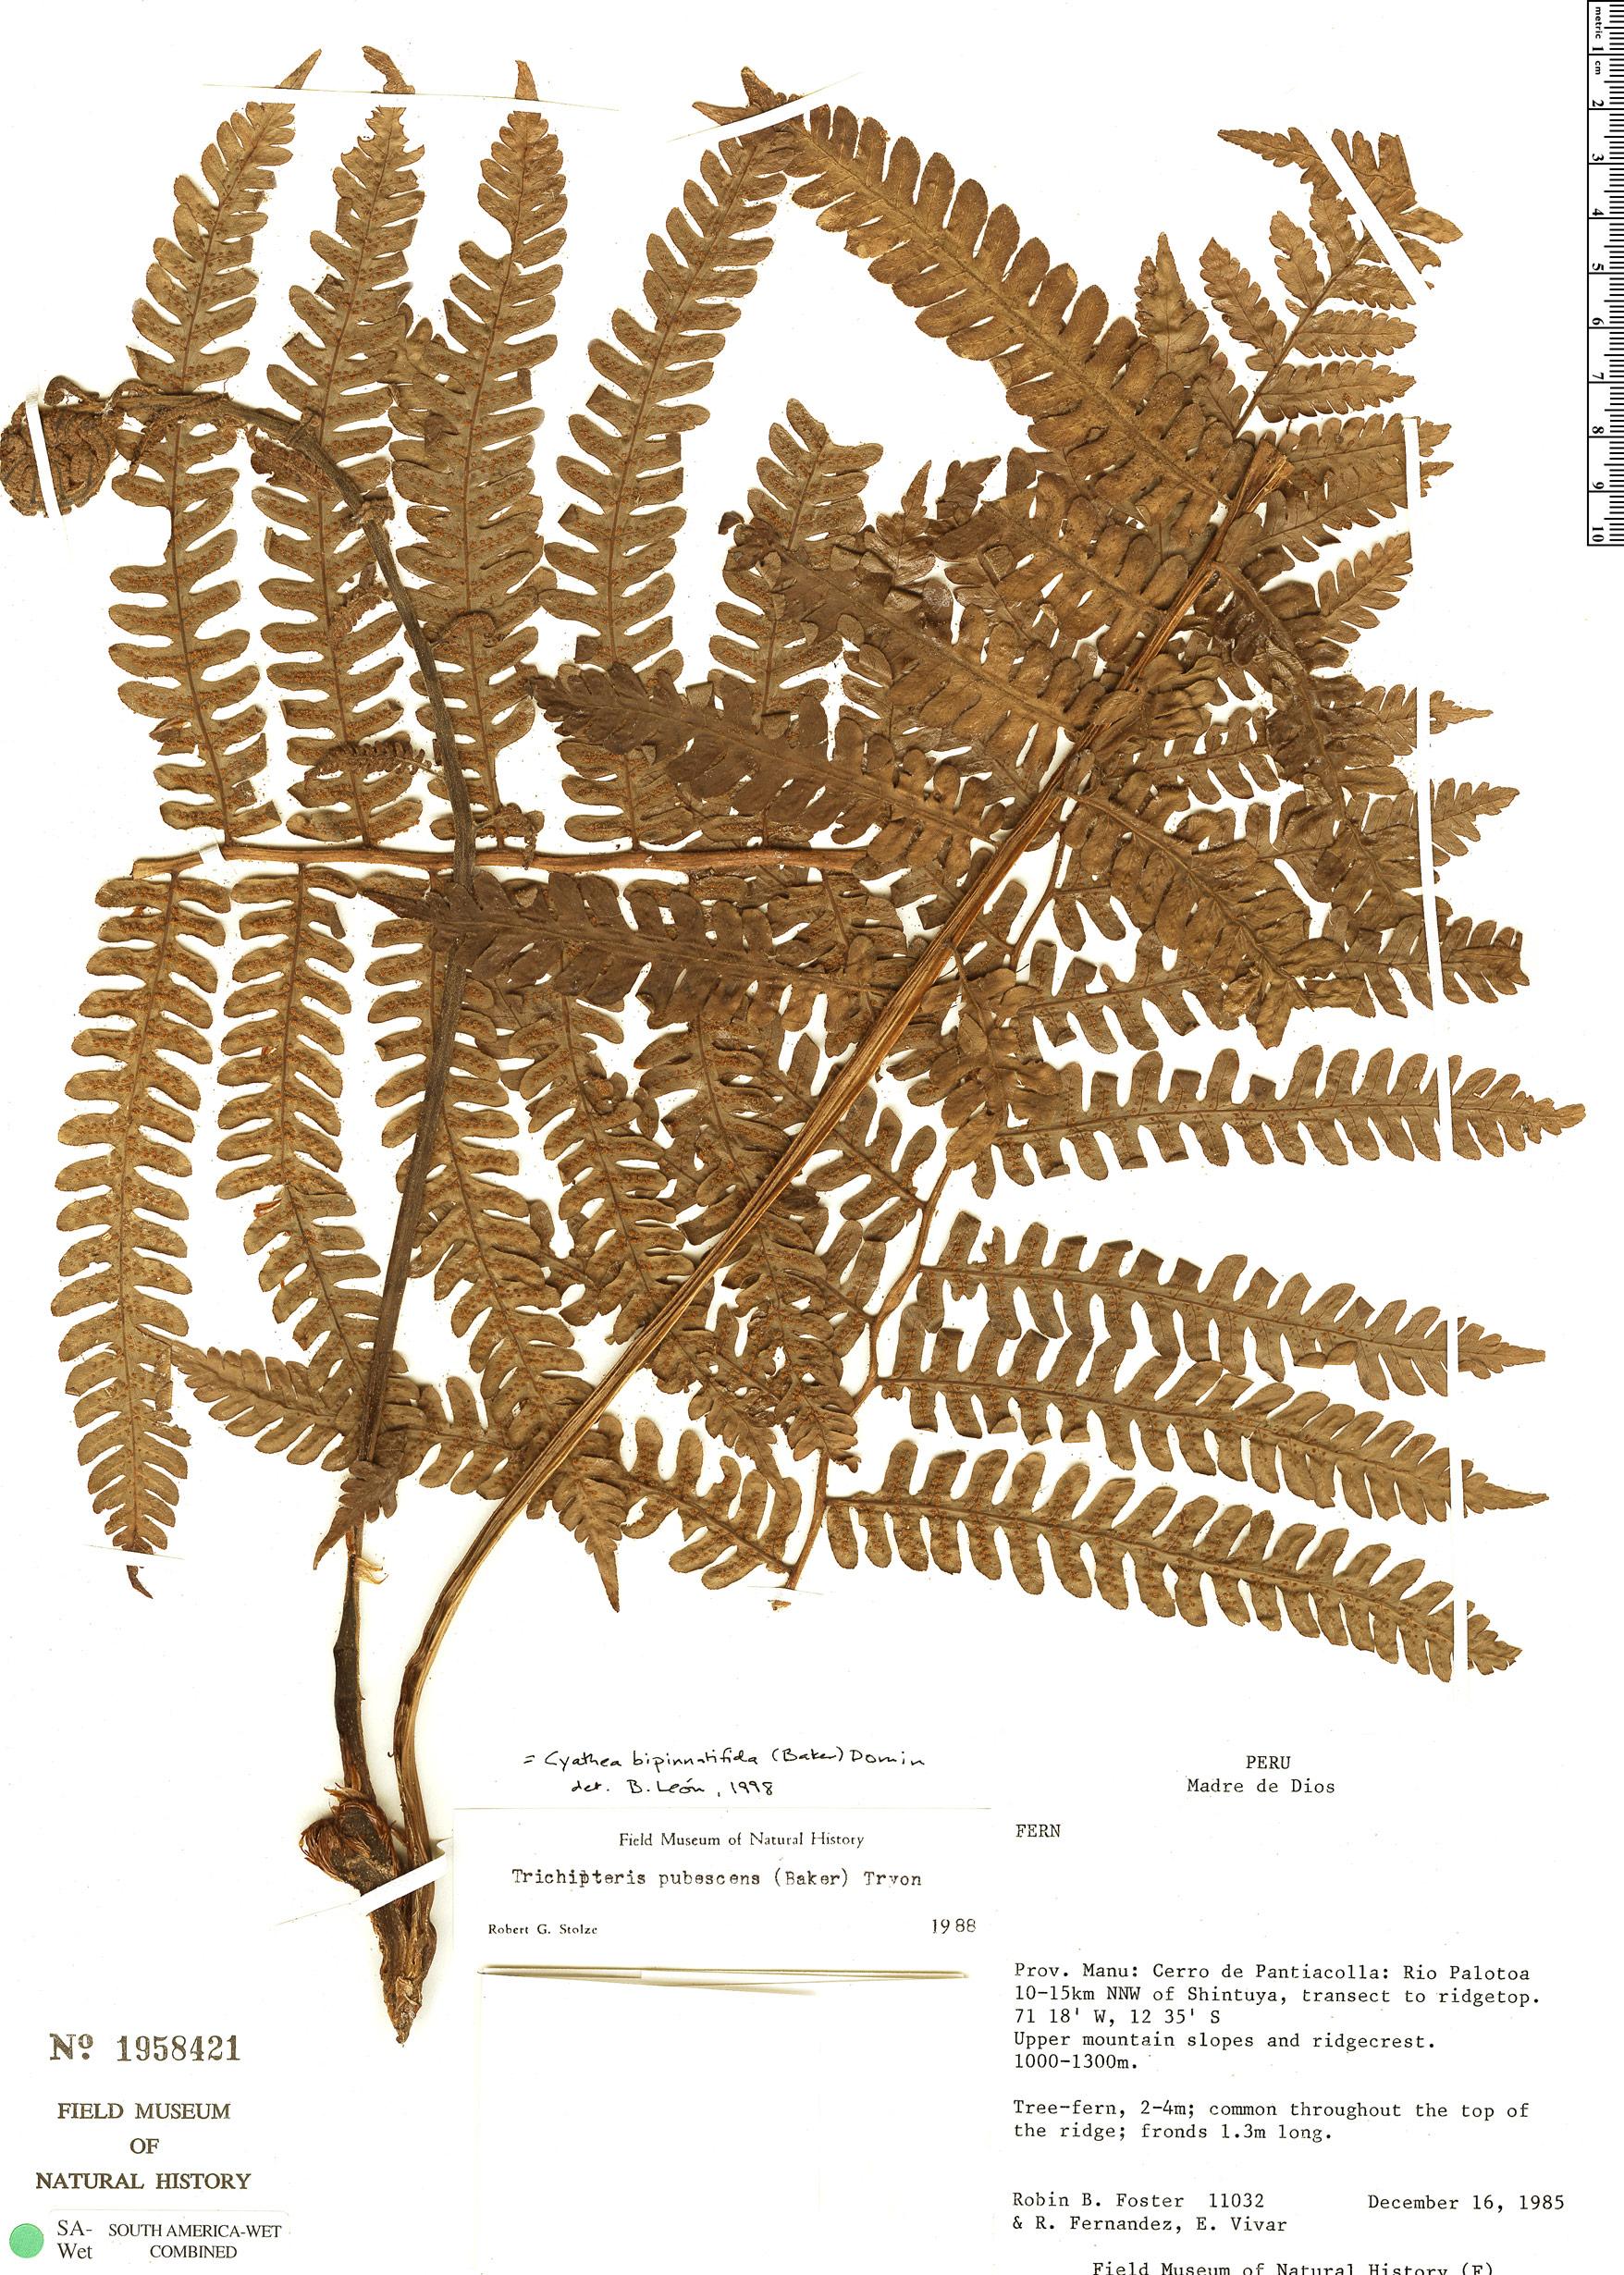 Specimen: Cyathea bipinnatifida